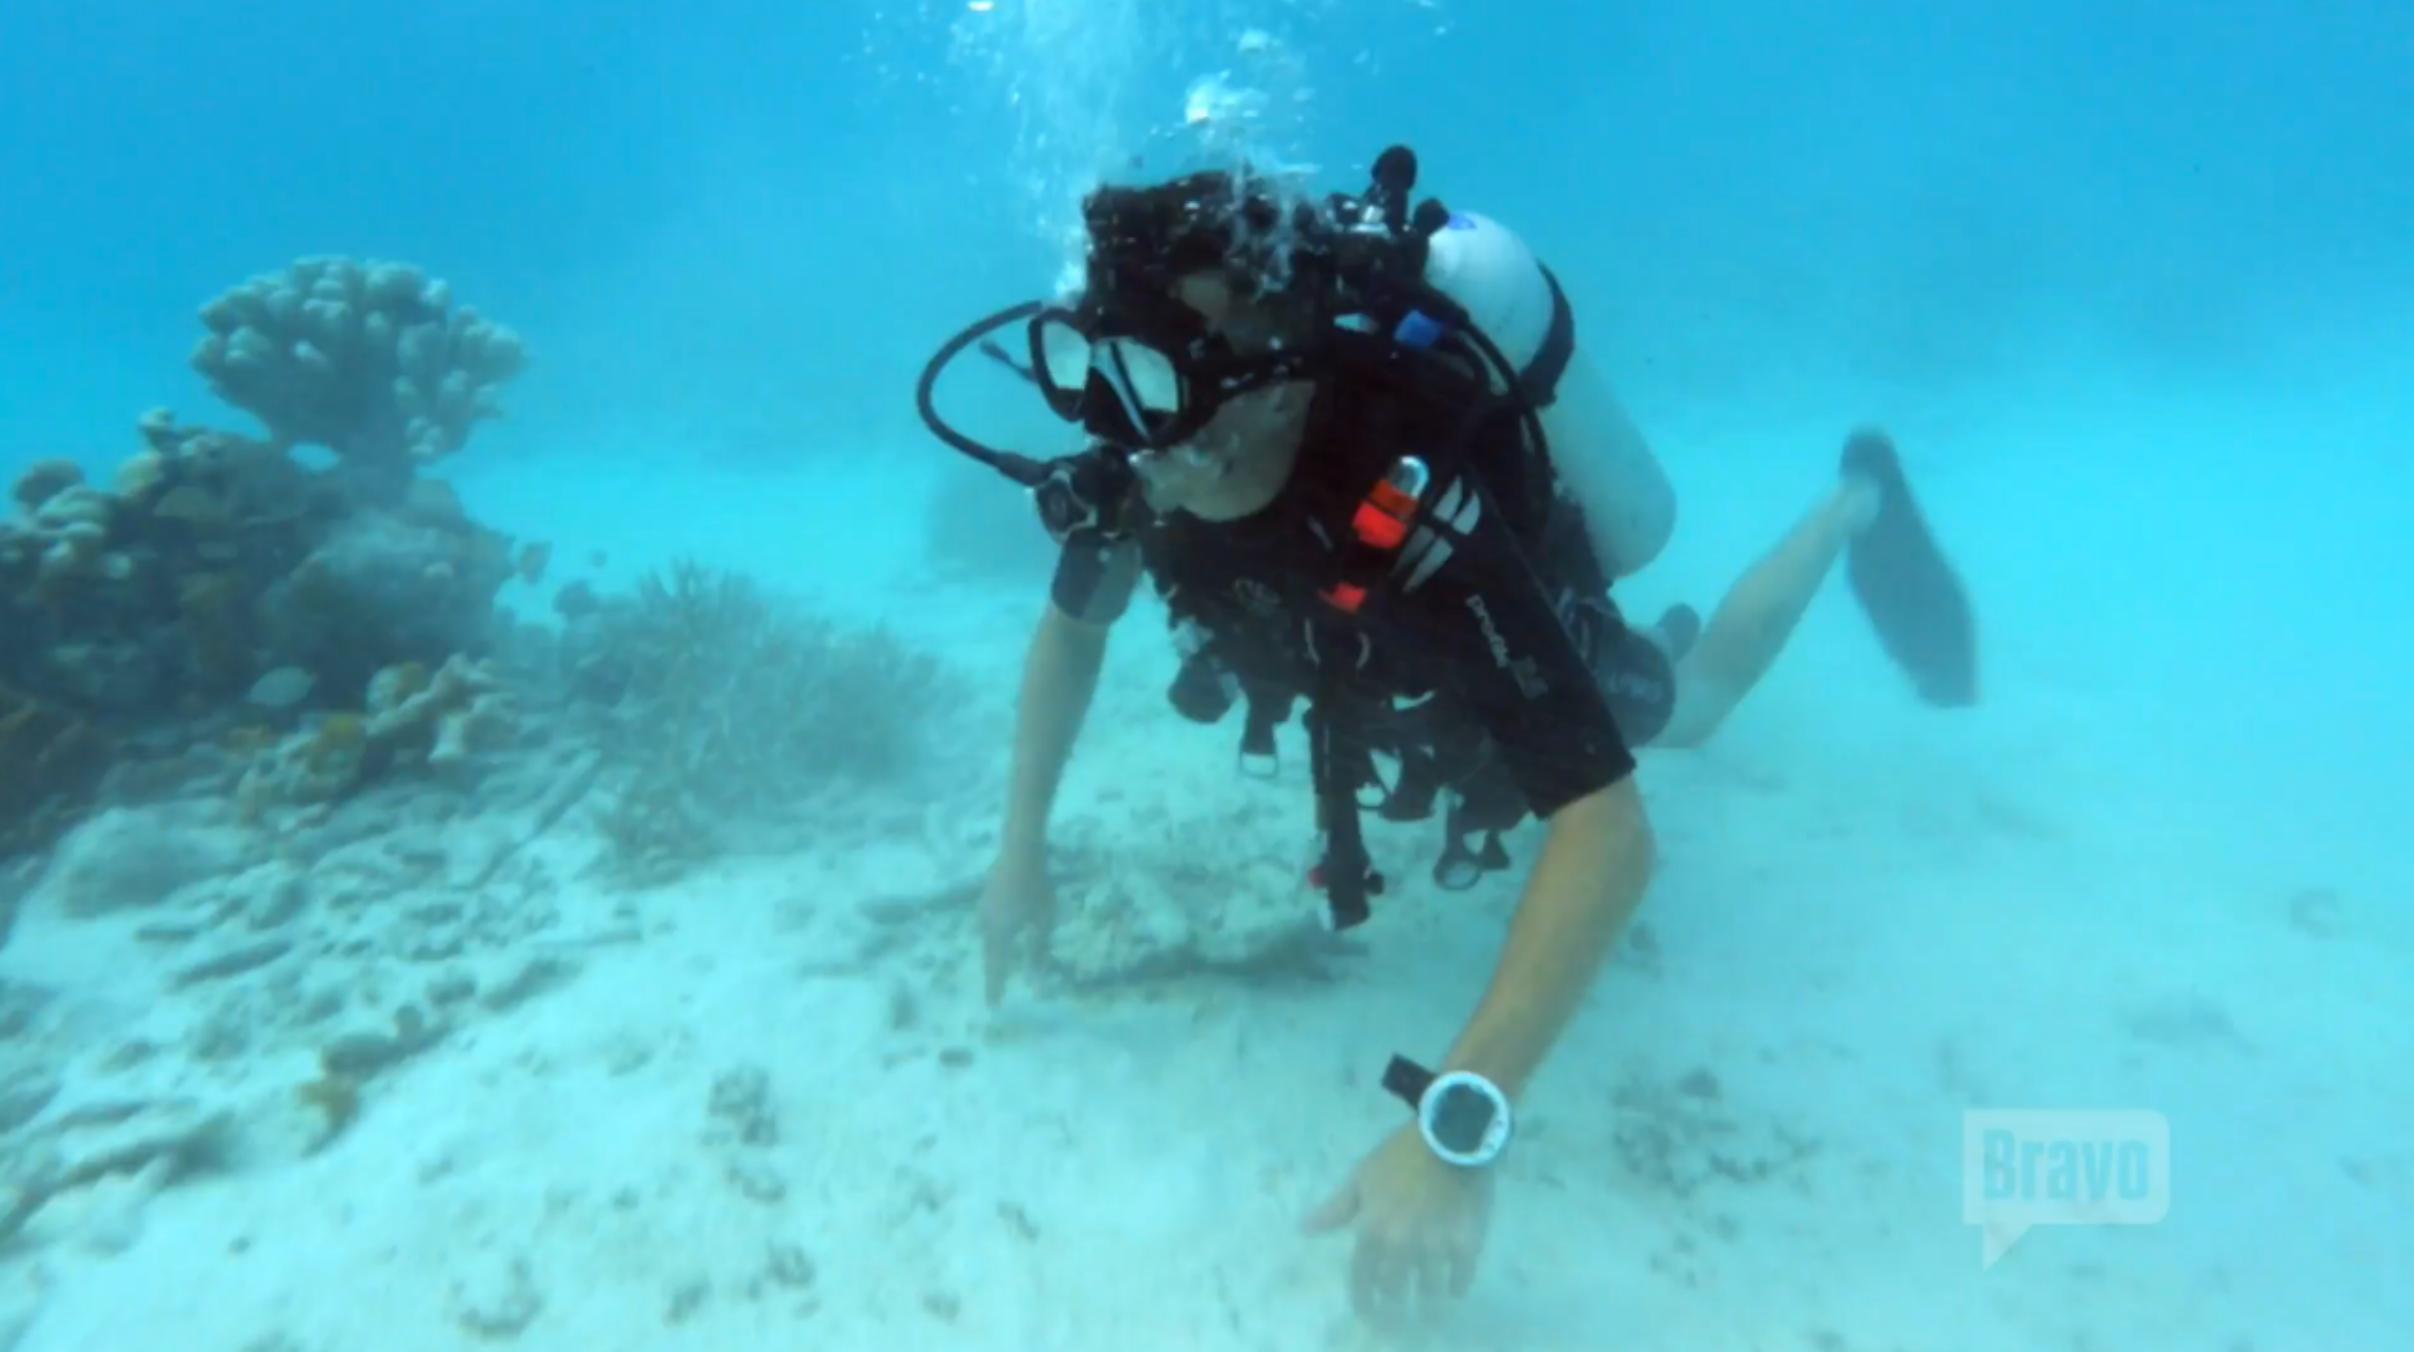 bravo-tour-group-scuba-diving